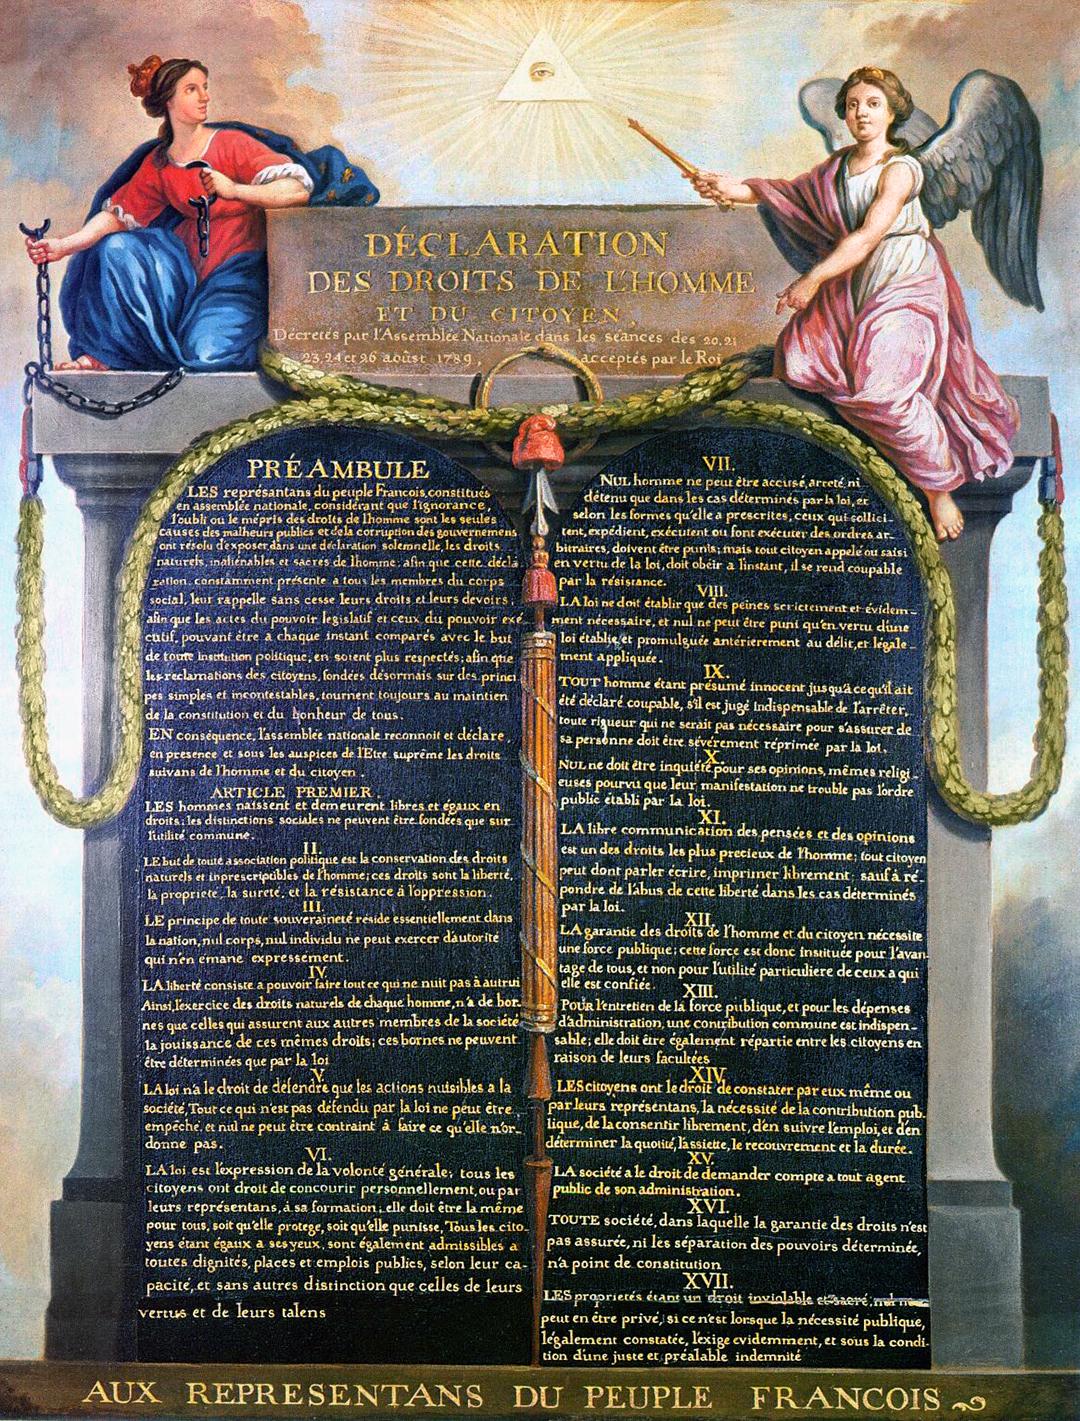 Erklärung der Menschen- und Bürgerrechte. Gemälde vermutlich von 1789, Maler unbekannt. Ausgerechnet eine Frau sprengt die Ketten und trägt nun die Insignien der Macht.